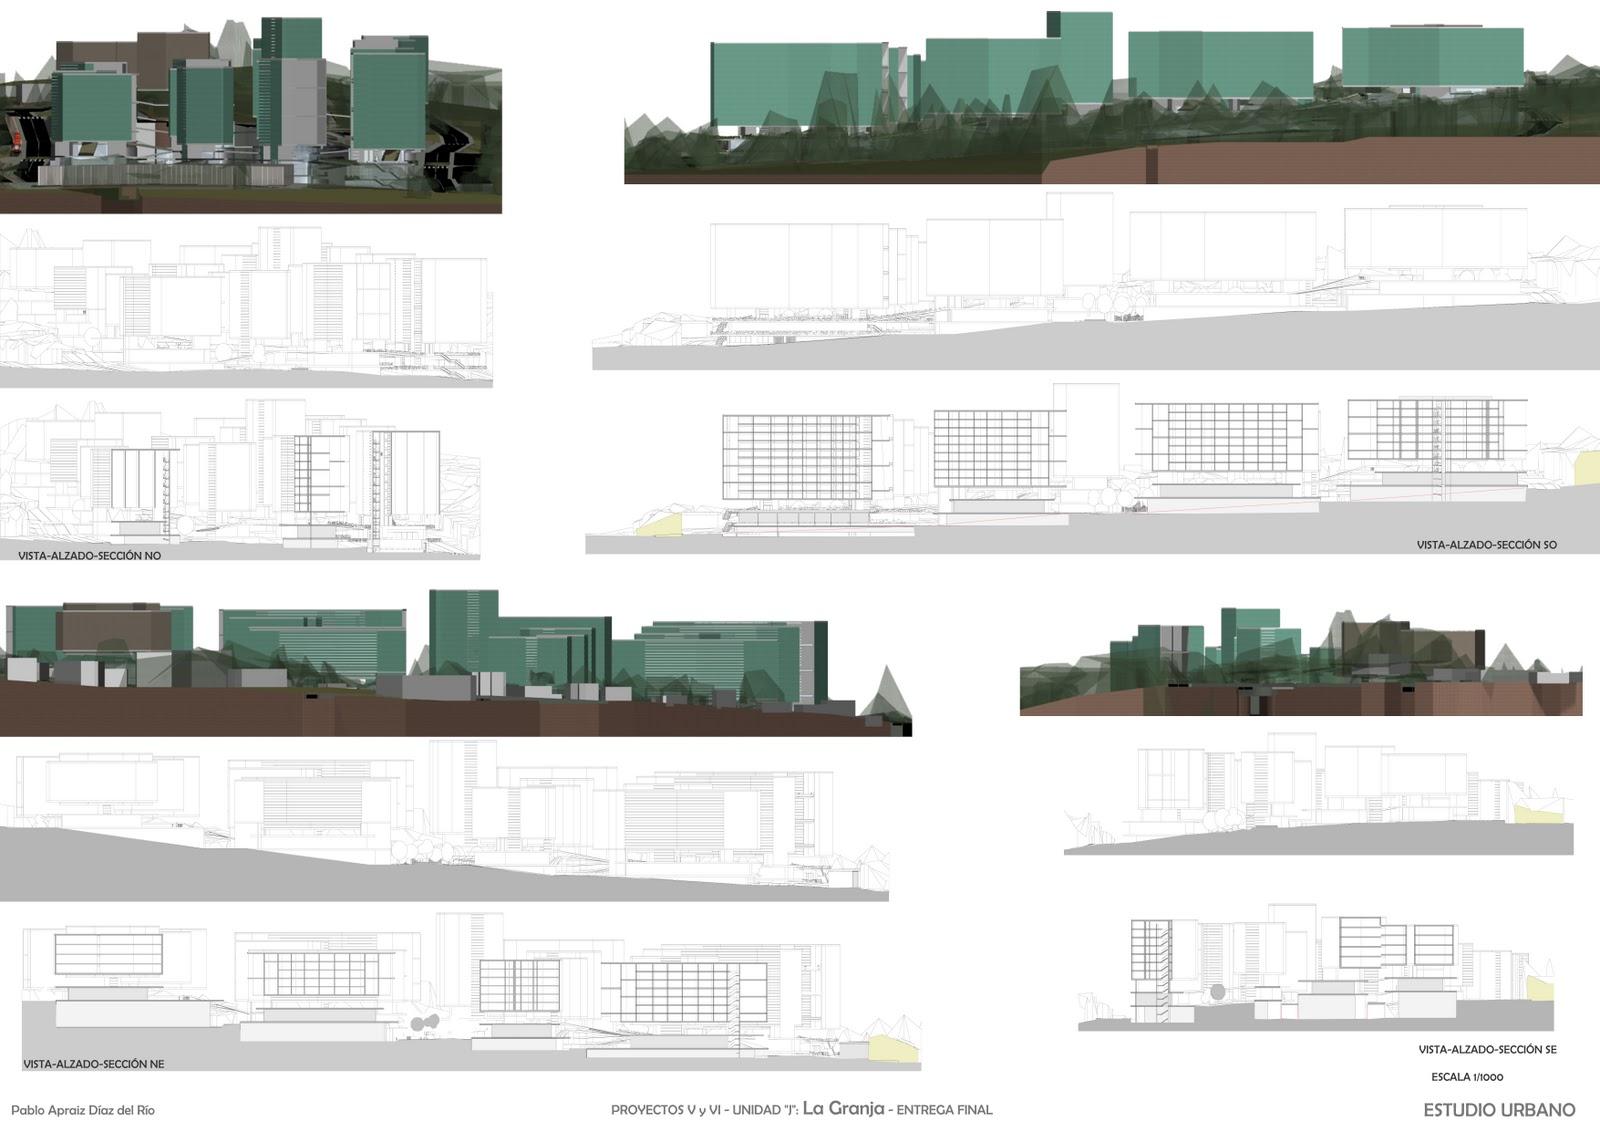 Apraiz arquitecto aparejador proyectos de arquitectura for Proyectos arquitectura